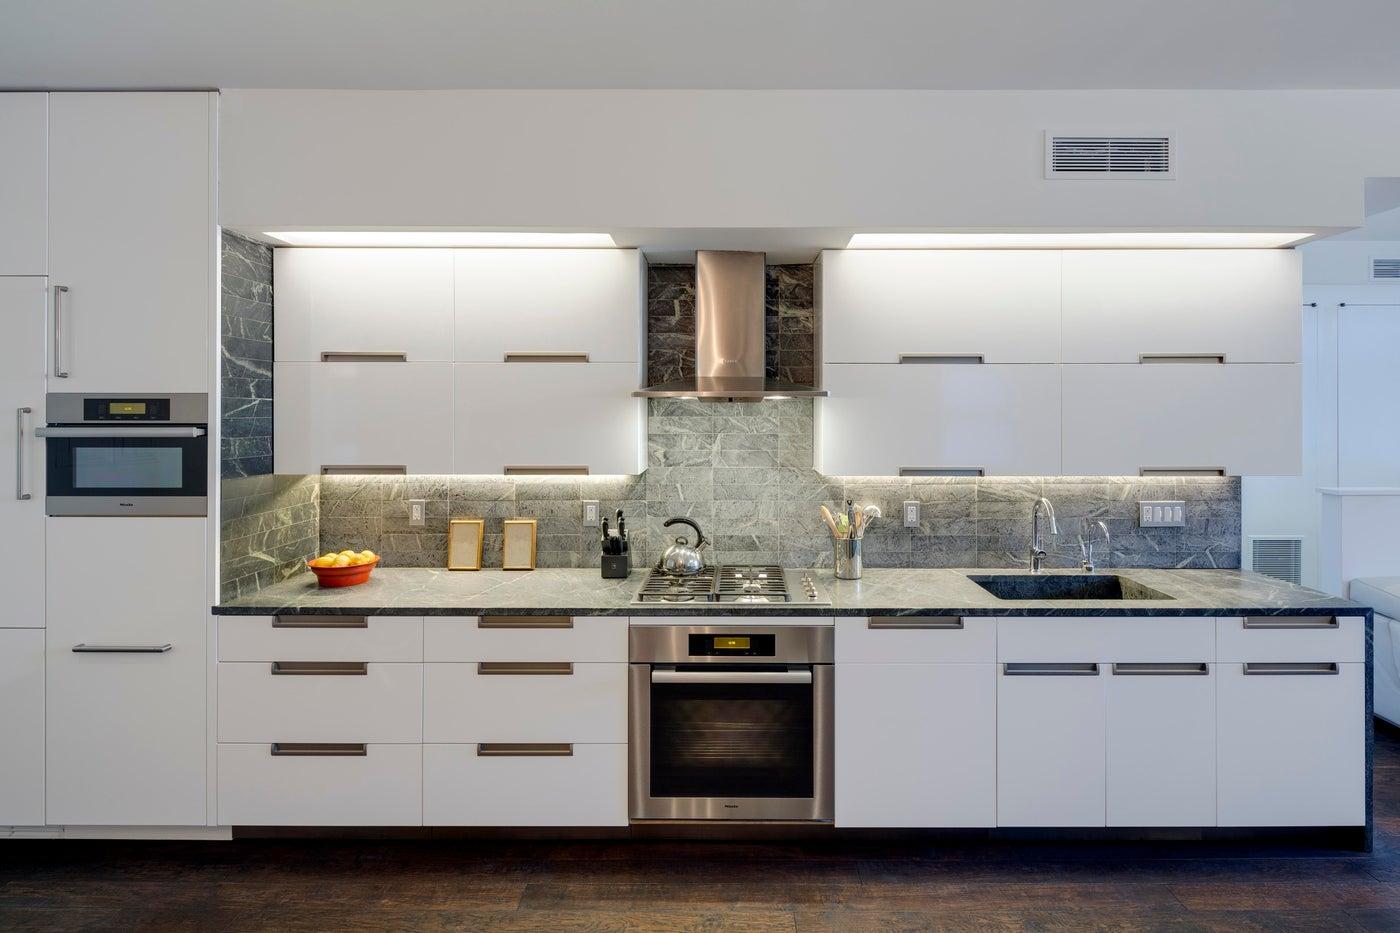 West Village Residence Kitchen